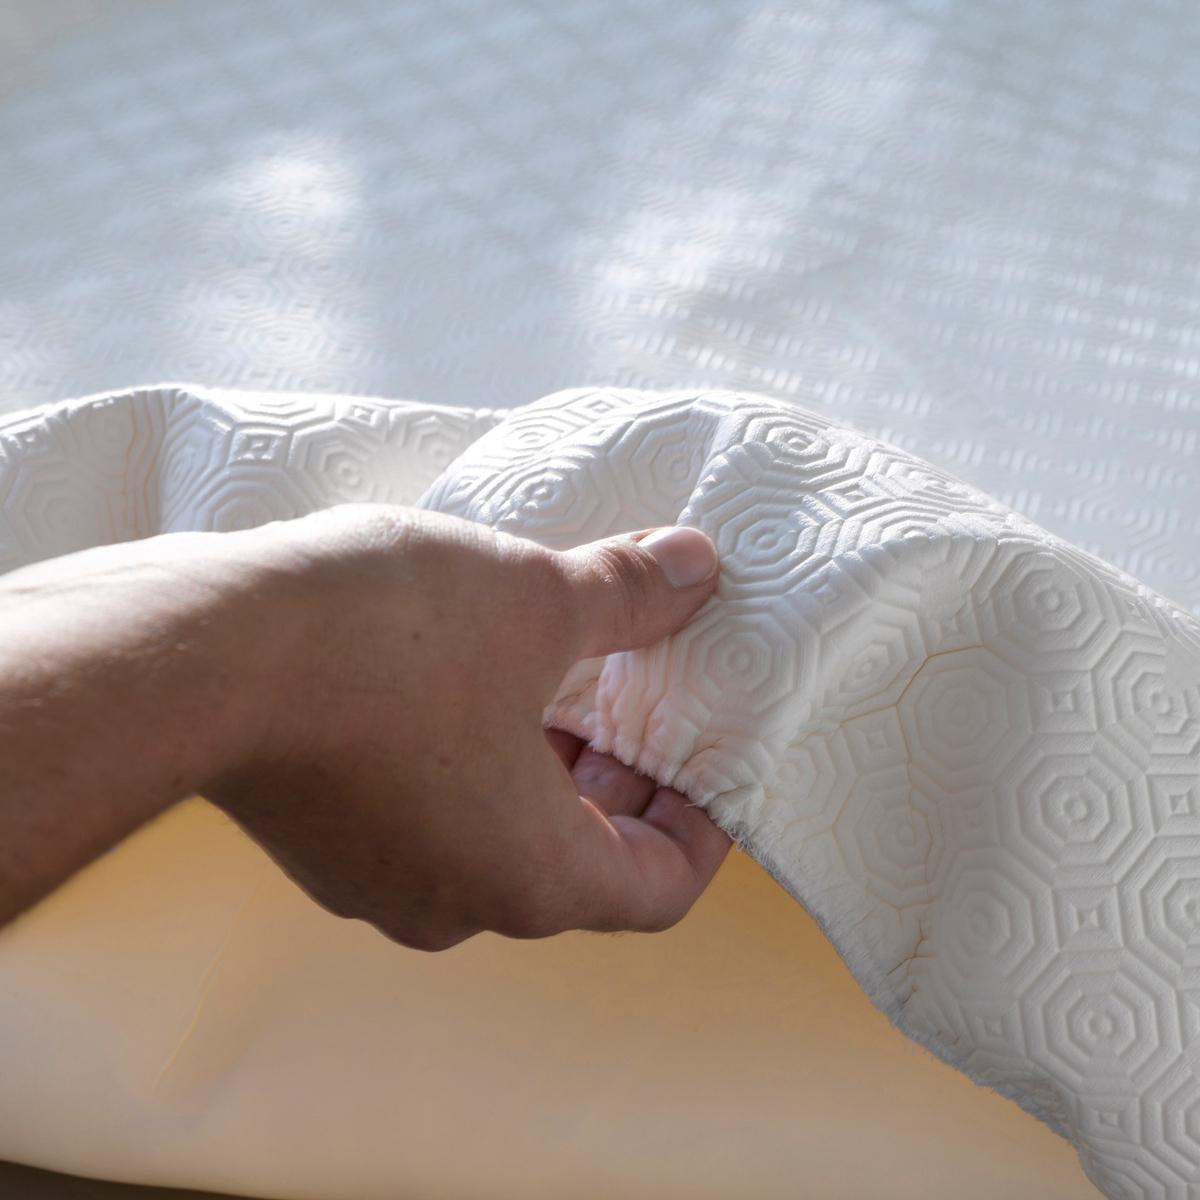 Чехол защитный белый для круглого столаЧехол защитный Caligomme® для круглого стола : очень практичен, легко закрепляется благодаря резинке по контуру и не скользит. Защищает от воздействия высокой температуры, ударов и скольжения.Очень практичен, легко закрепляется благодаря резинке по контуру и не скользит.Характеристики чехла защитного белого для круглого стола :- Чехол для стола Caligomme® : 74% пеноматериала из ПВХ, 20% покрытия из ПВХ и 6% текстильной основы- Толщина 2 мм.- Отделка шнуром- Чистится при помощи влажной губки. Размеры чехла. Наши рекомендации :- Круглый 110/125 : для столешницы диаметром 110- Круглый 130/145 : для столешницы диаметром 145<br><br>Цвет: белый